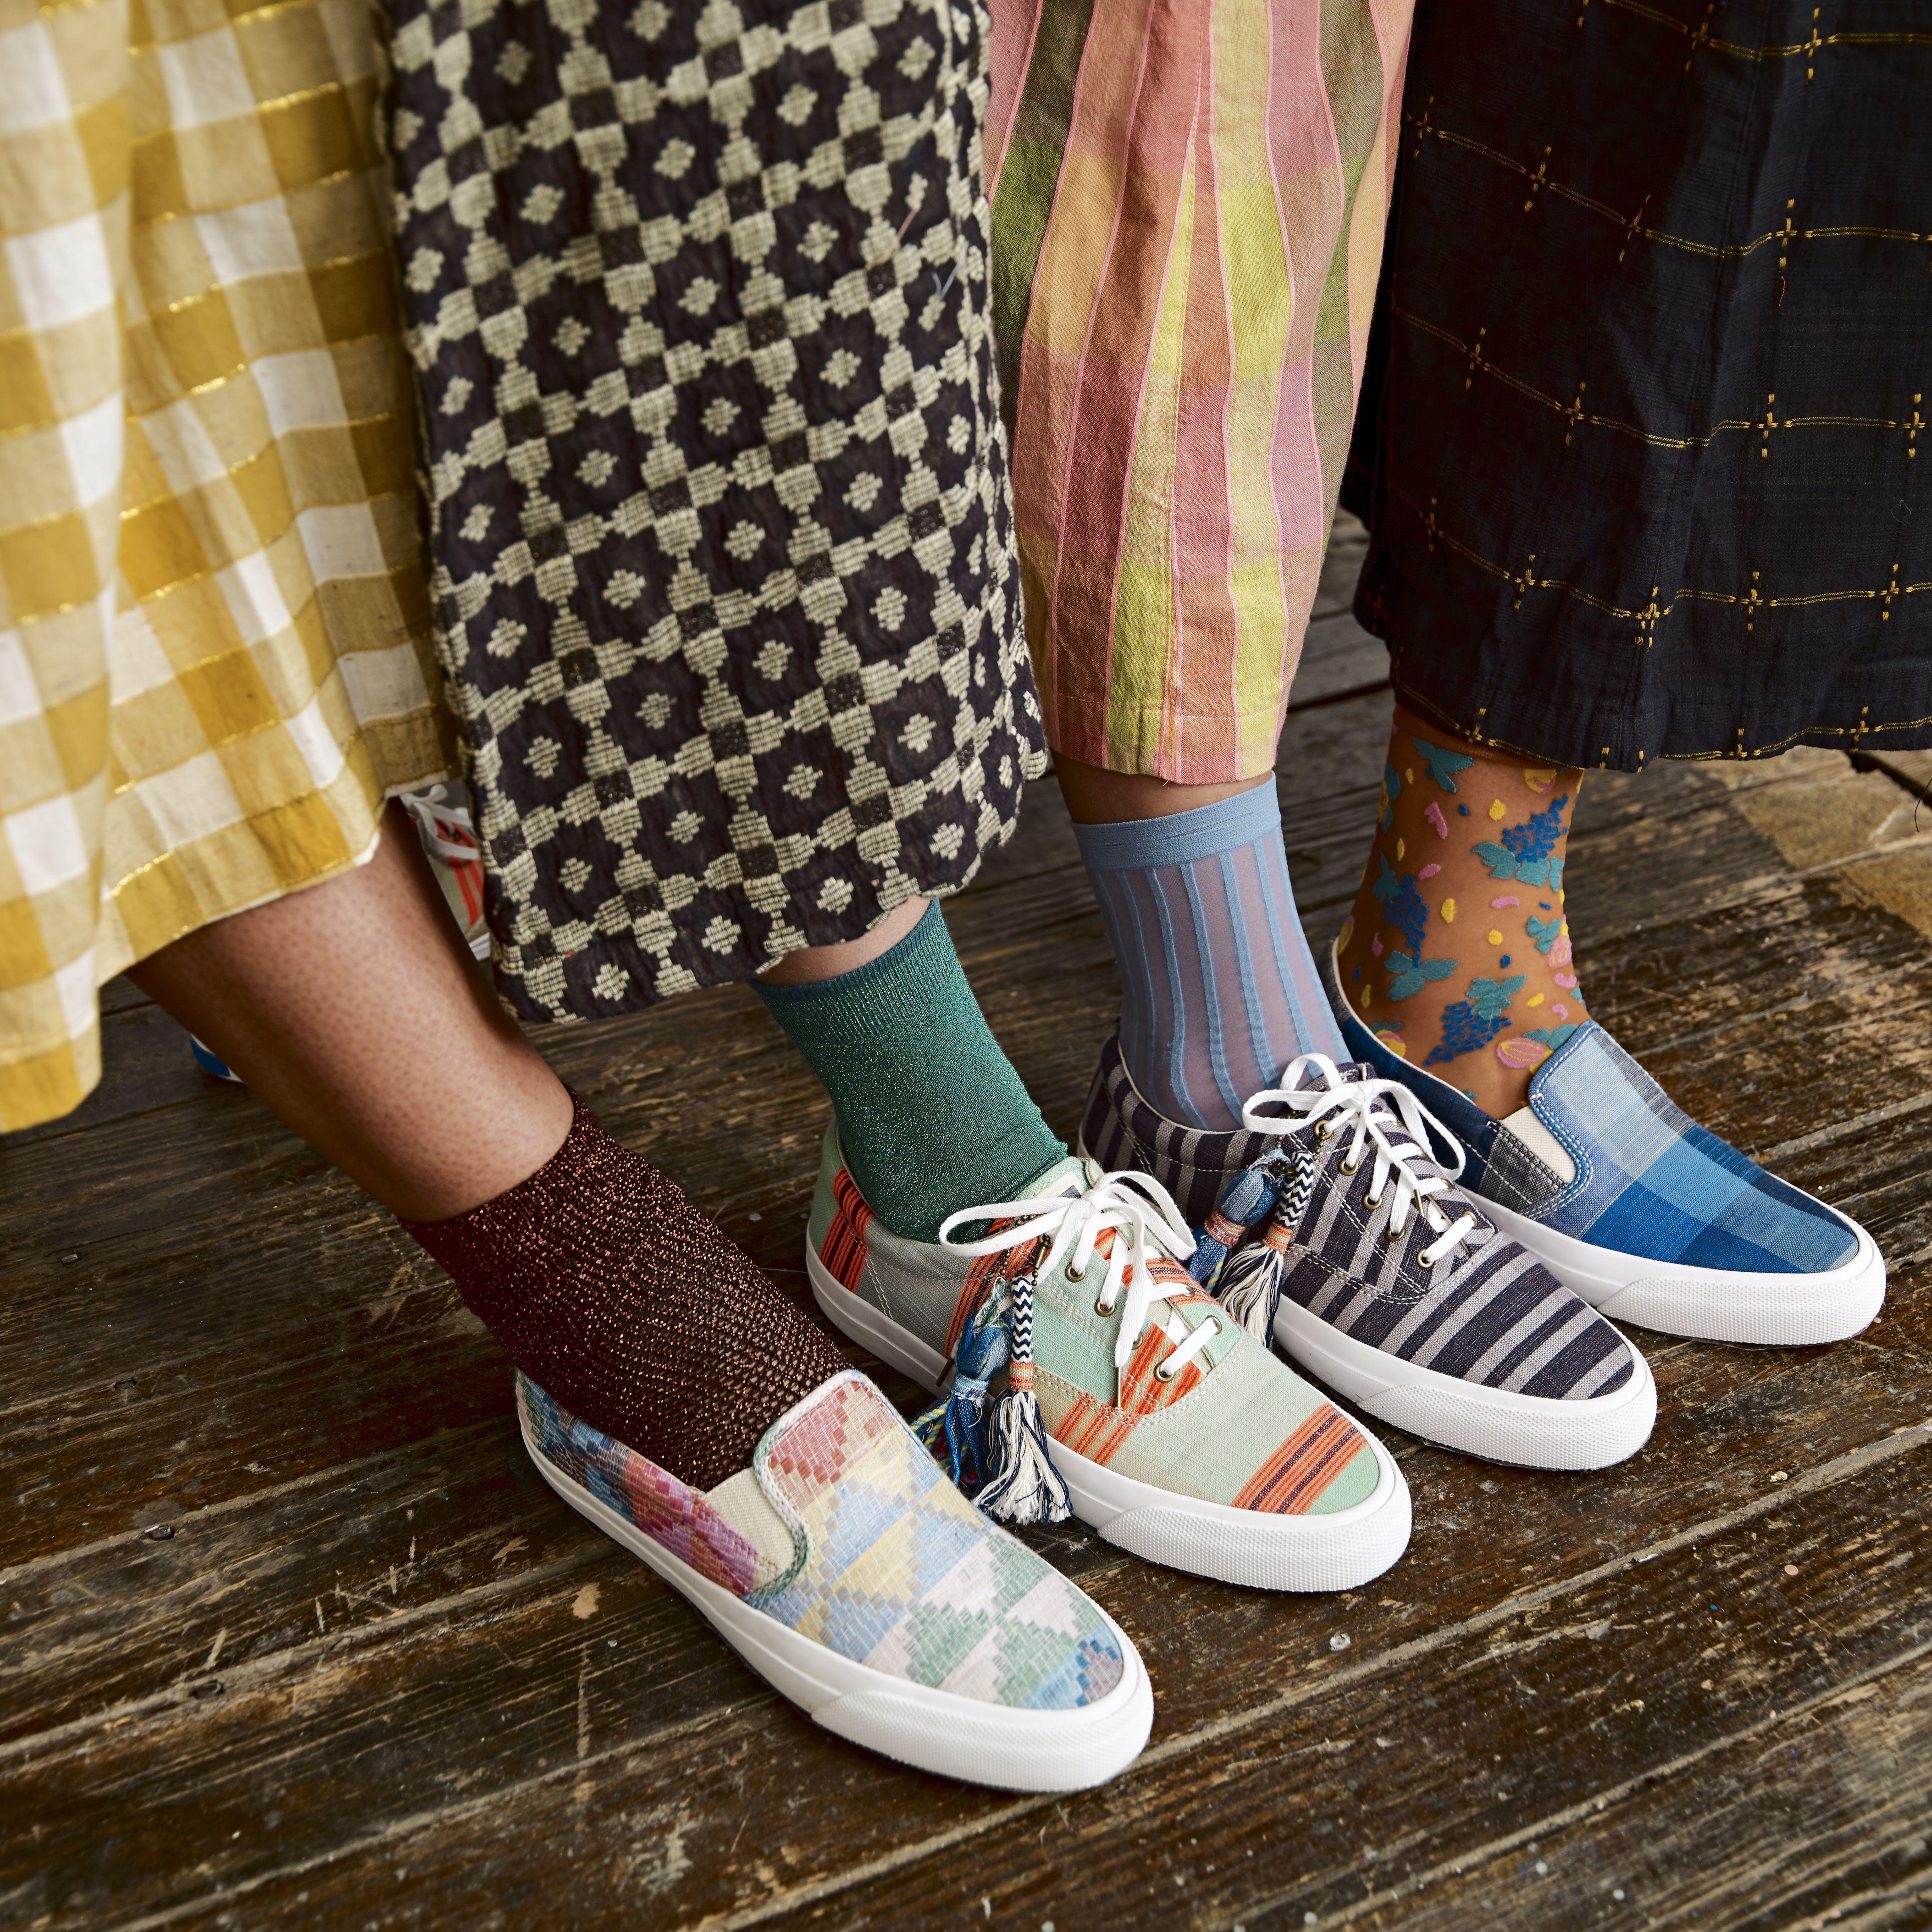 ace\u0026jig x Keds | Sneakers, Ace and jig